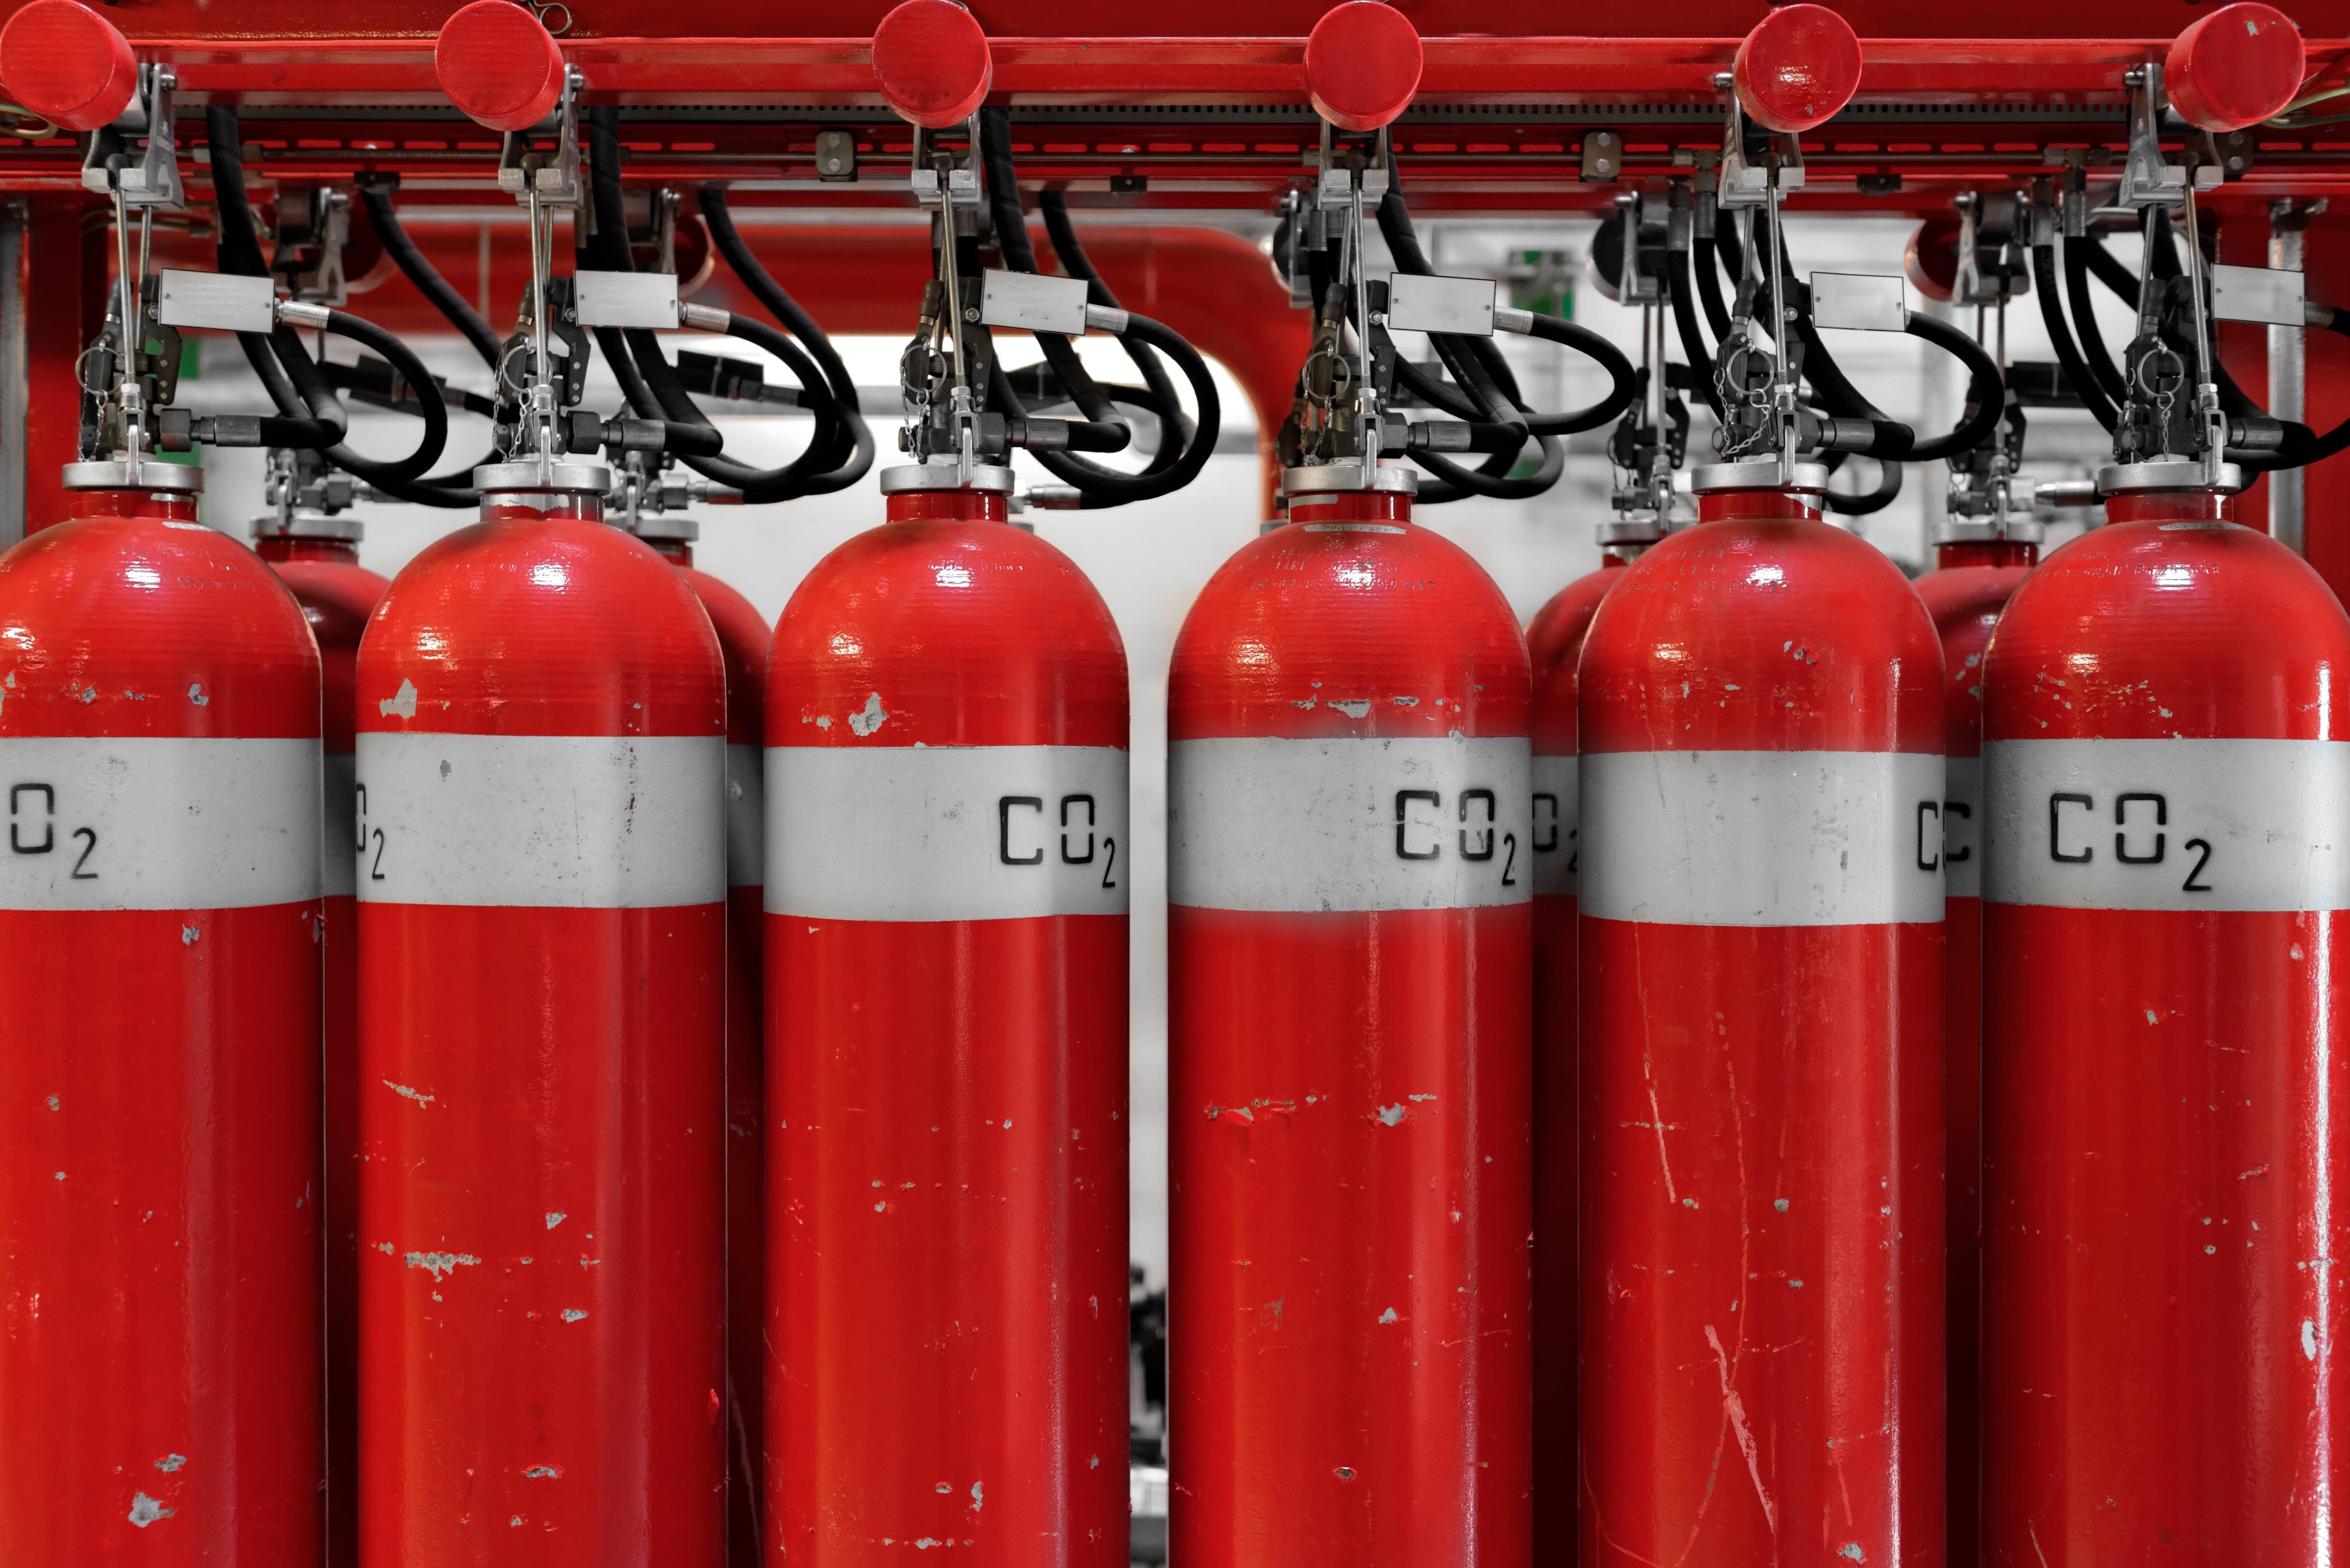 Extintores en fila